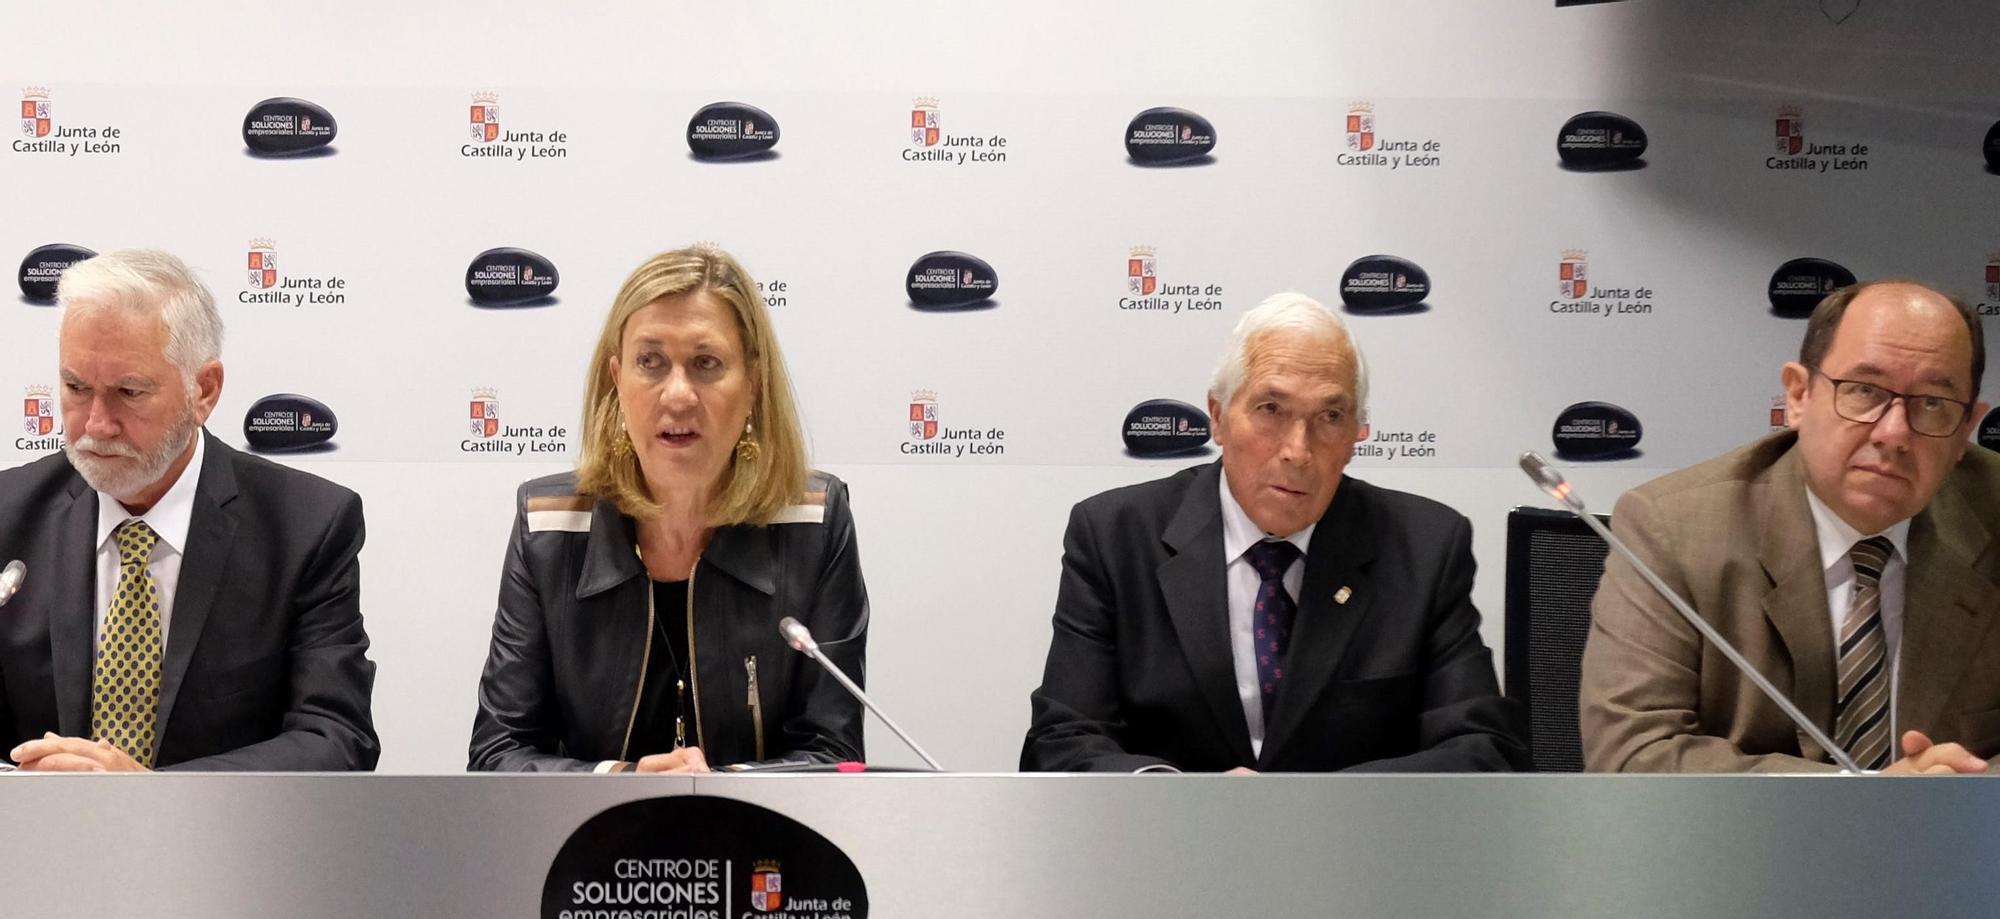 Macario Fernández, la exconsejera Pilar del Olmo y el alcalde de Villabrázaro, Dorsey García, en la presentación del proyecto de la planta de aluminio en Valladolid